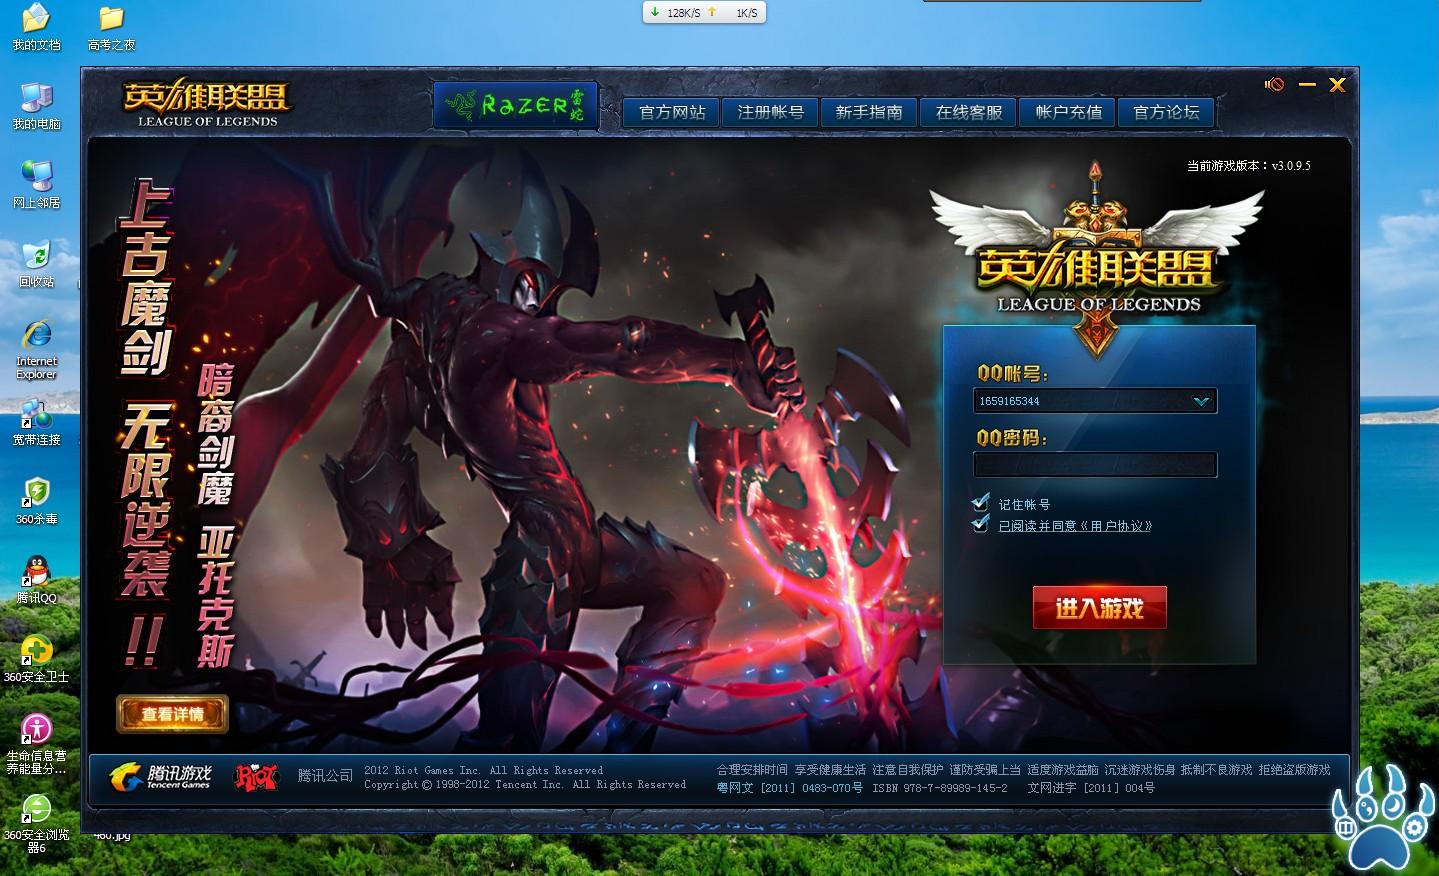 信息中心 英雄联盟能登录游戏就是战斗页面进不去 一进就出现这个图片